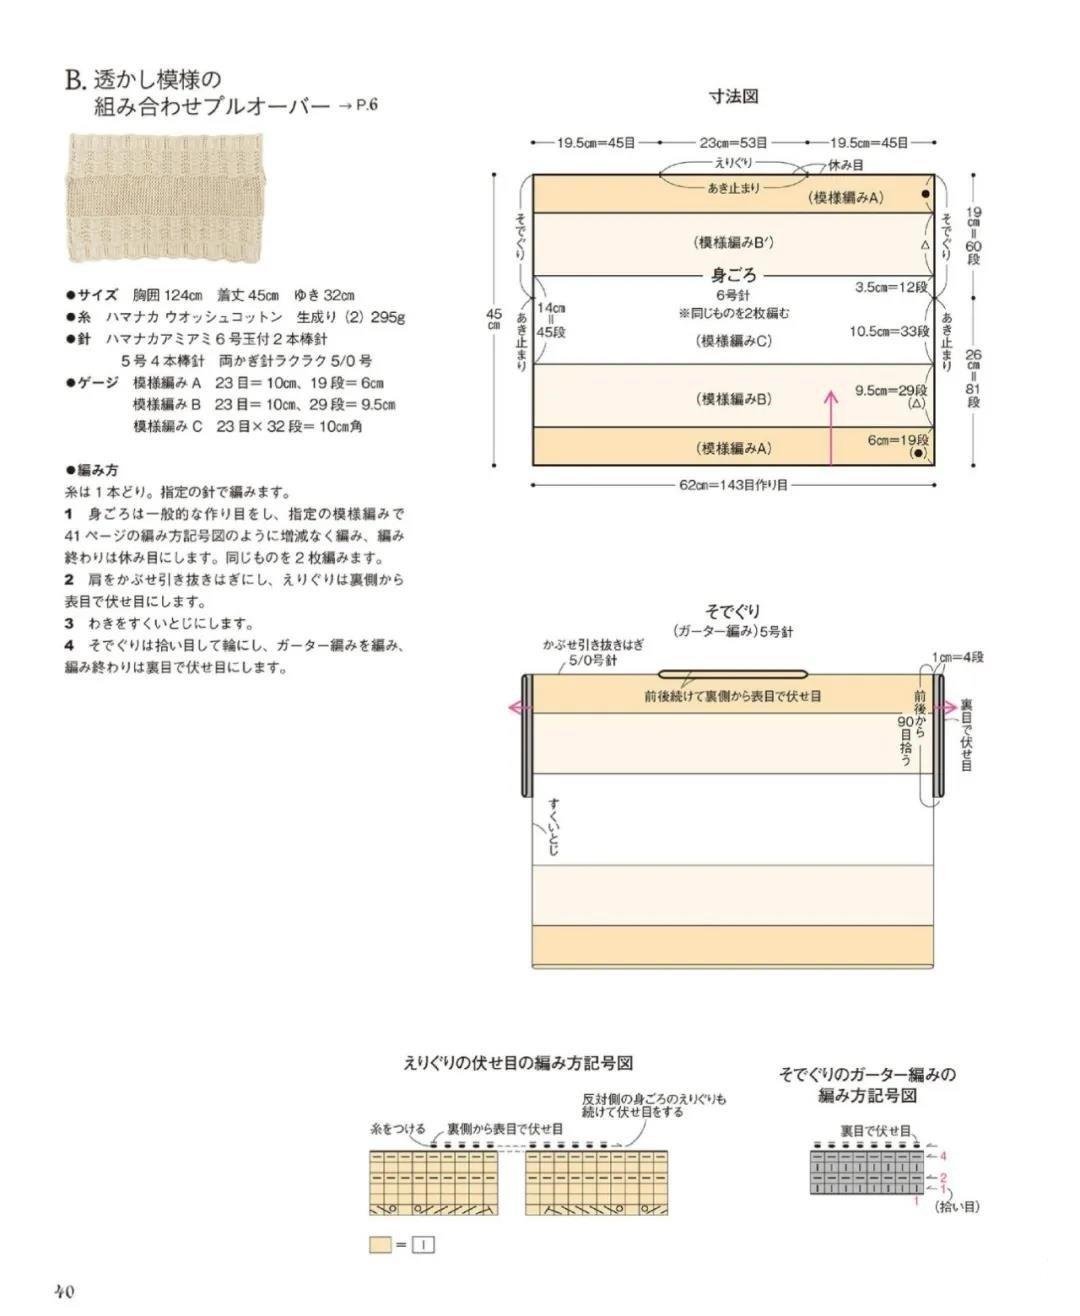 微信图片_20200716193230.jpg